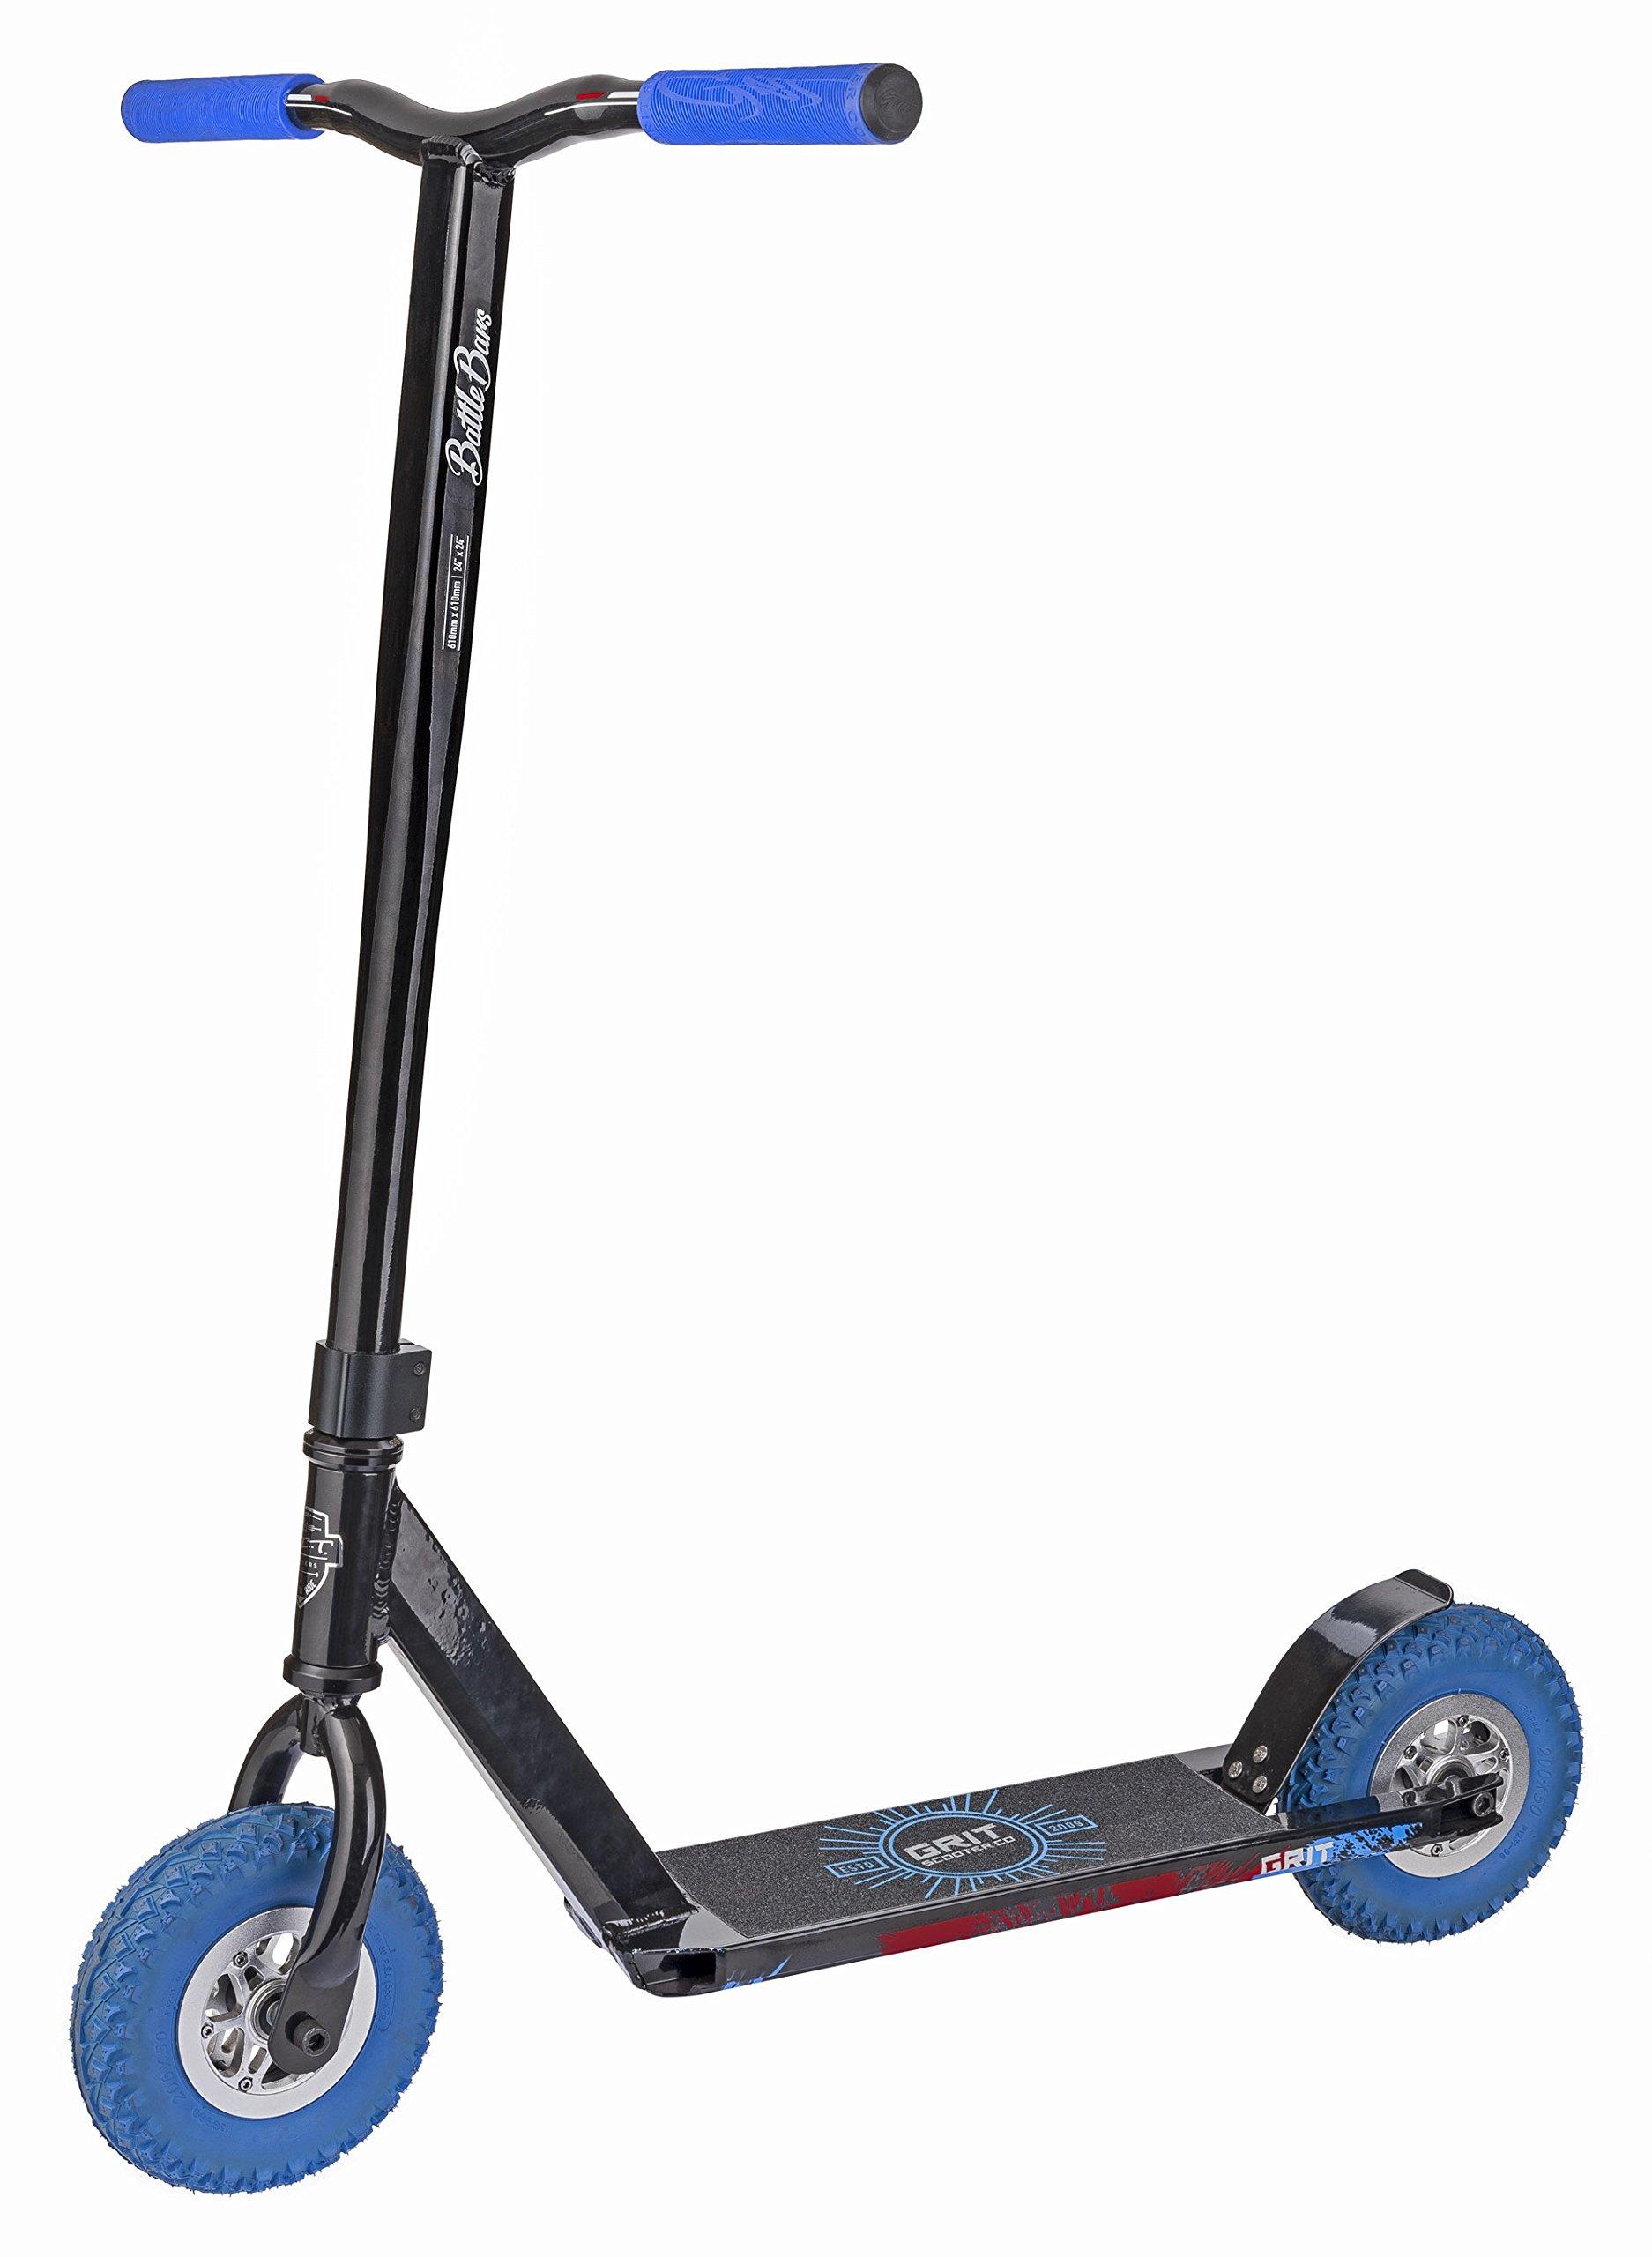 Grit D2 Dirt Pro Scooter (Black)